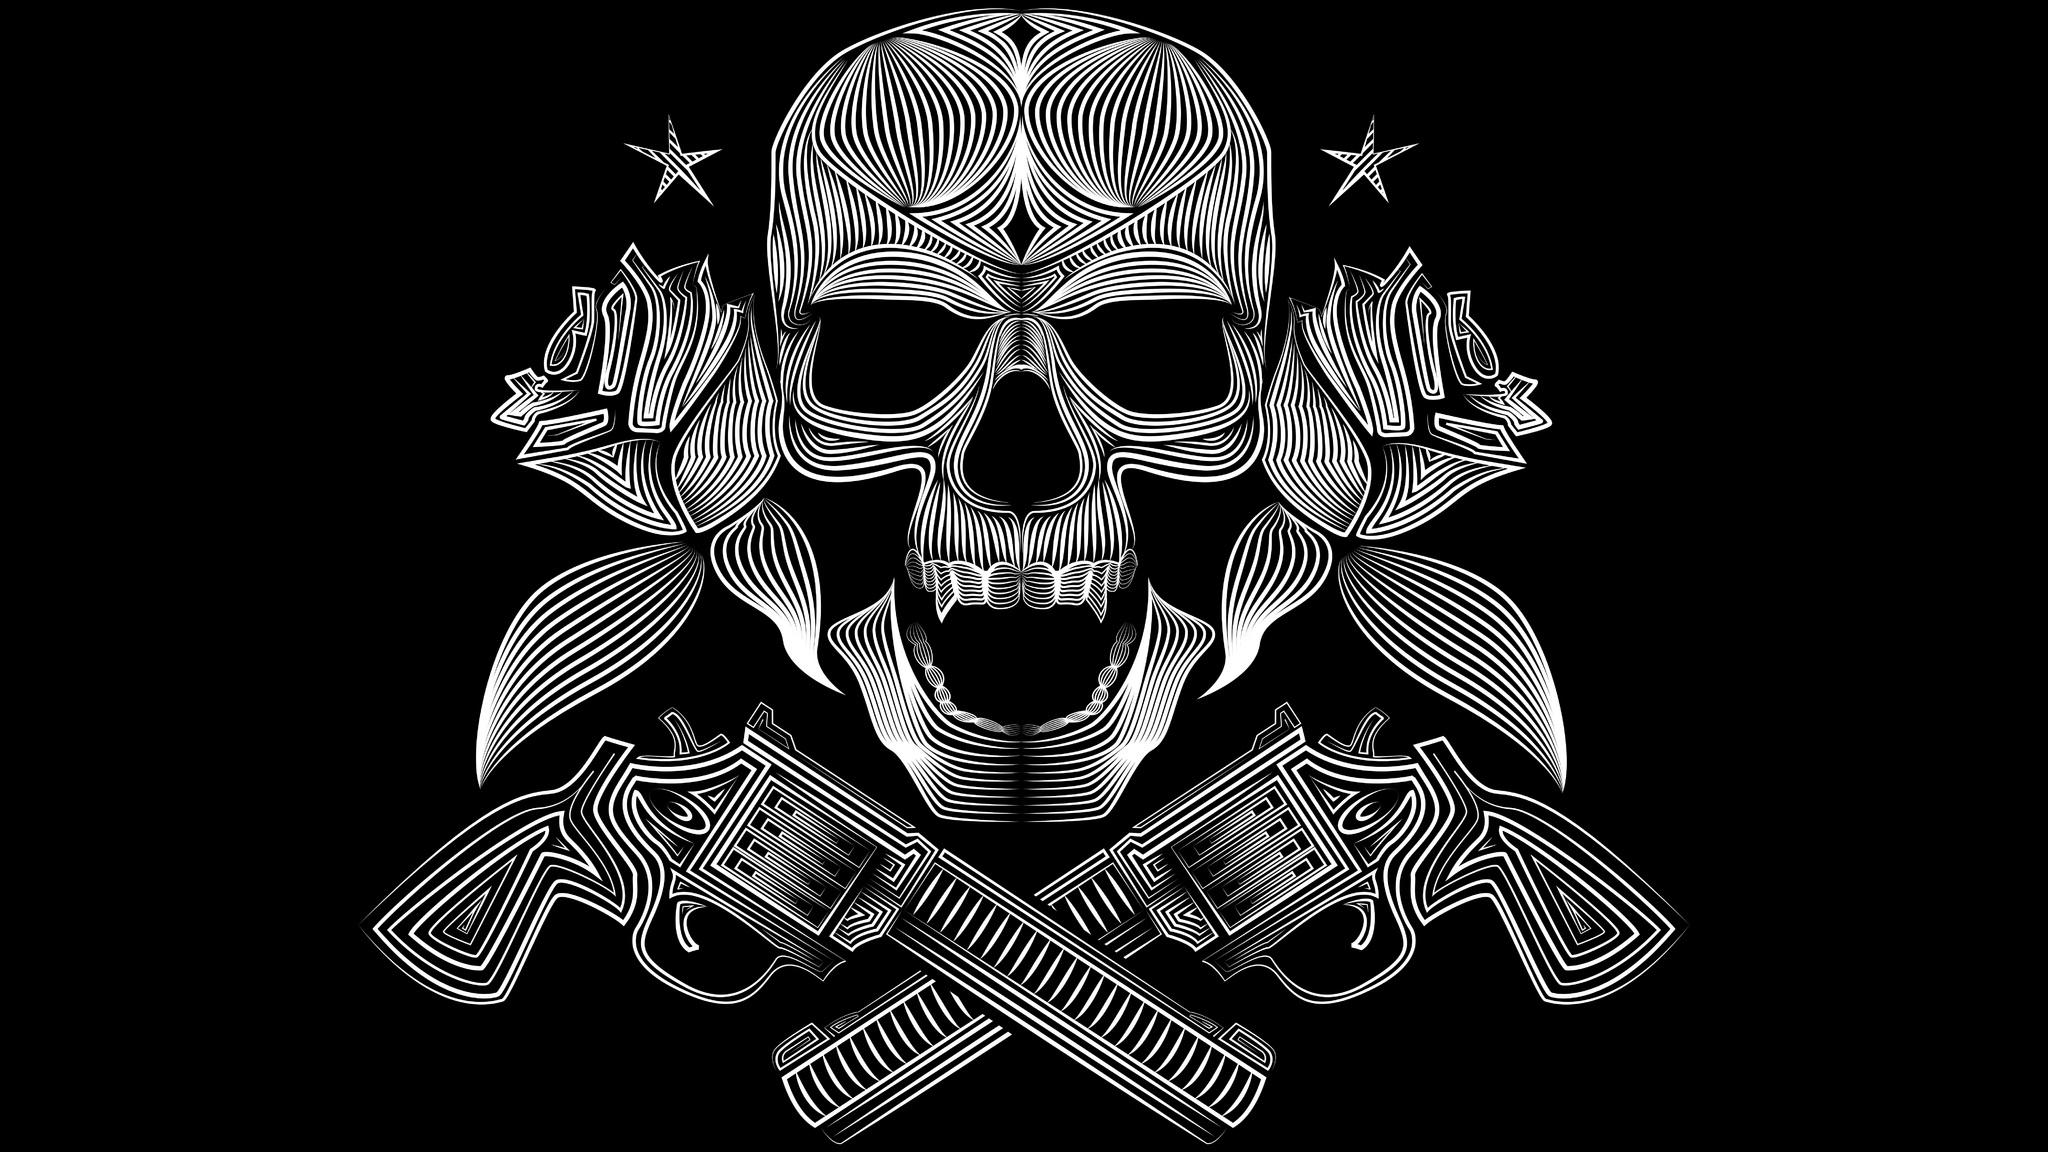 2048x1152 Skull Gun N Roses 8k 2048x1152 Resolution Hd 4k